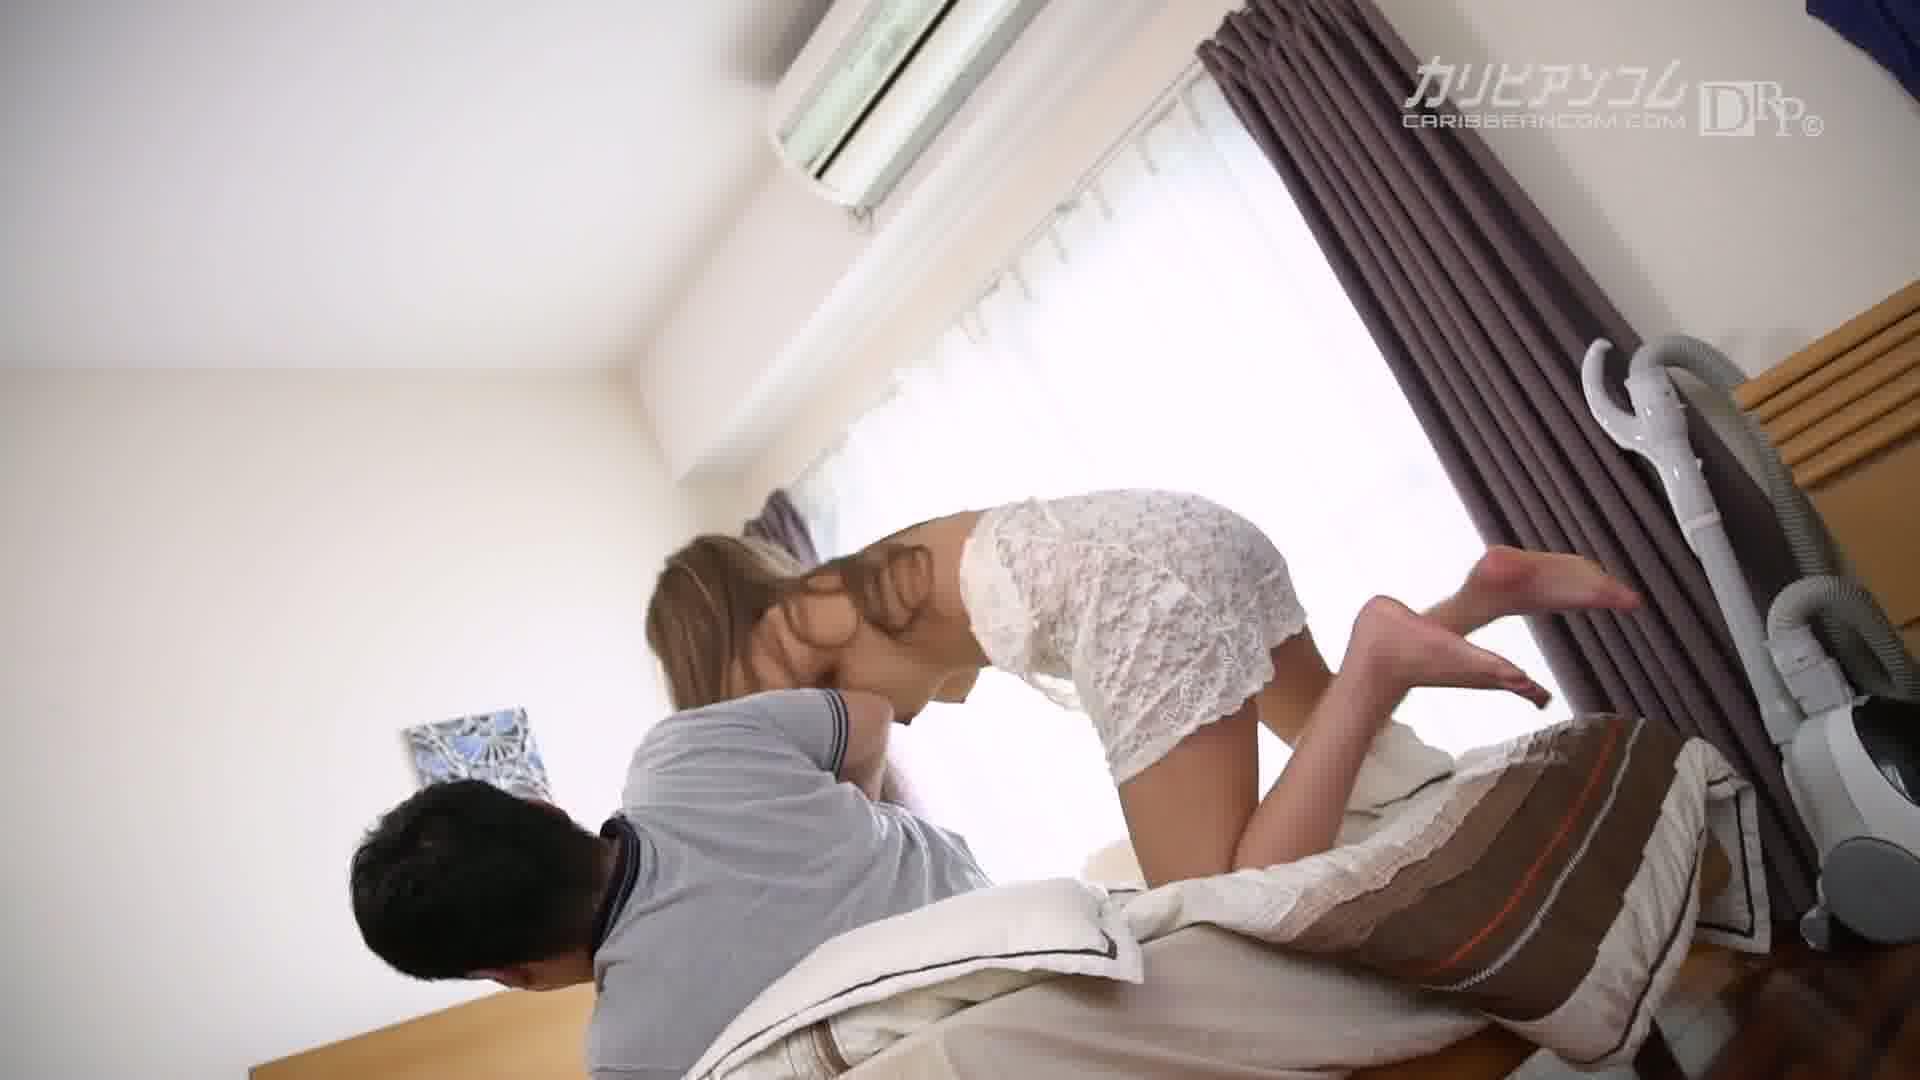 絶対彼女。4 - 麻生希【スレンダー・長身・中出し】